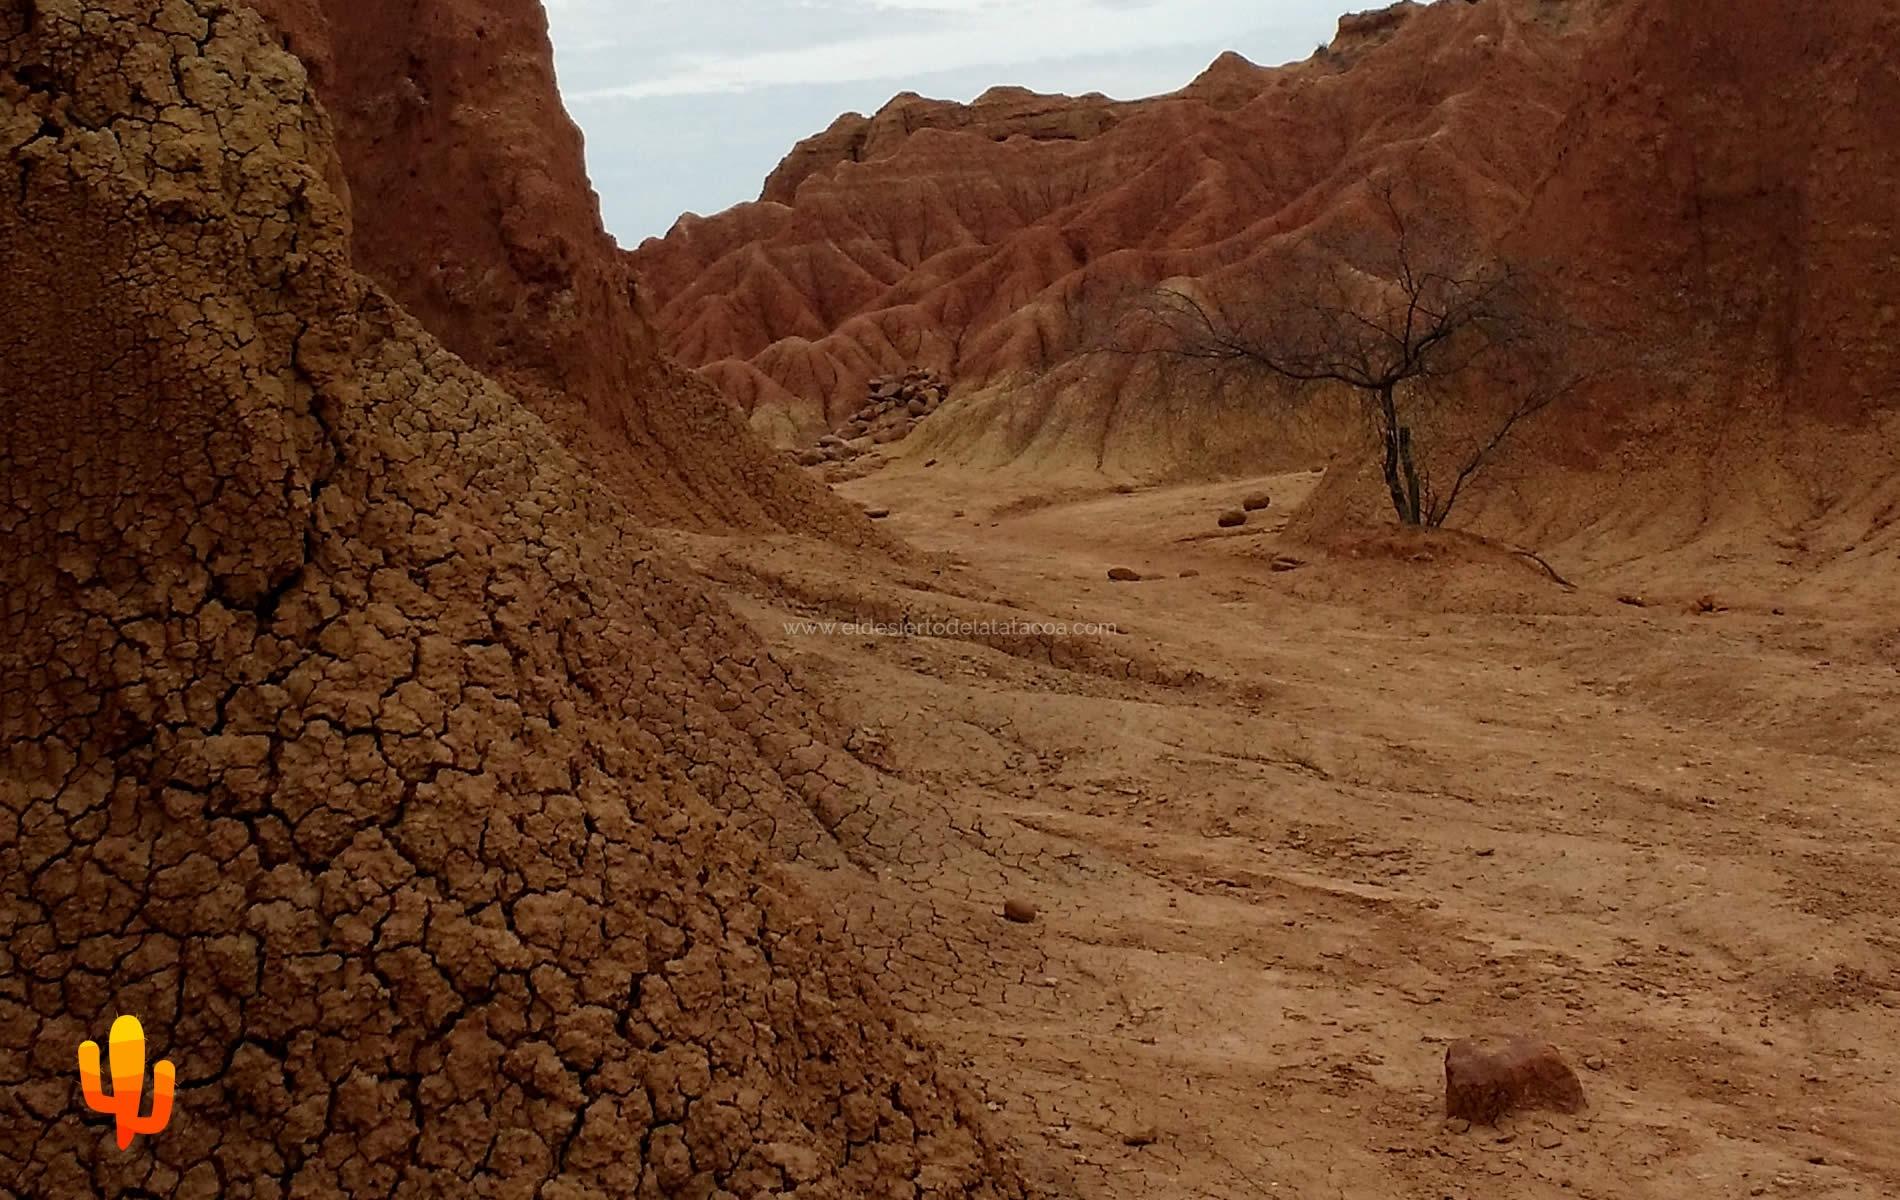 En el Desierto de la Tatacoa la NASA prepara investigación del subsuelo por similitud a Marte